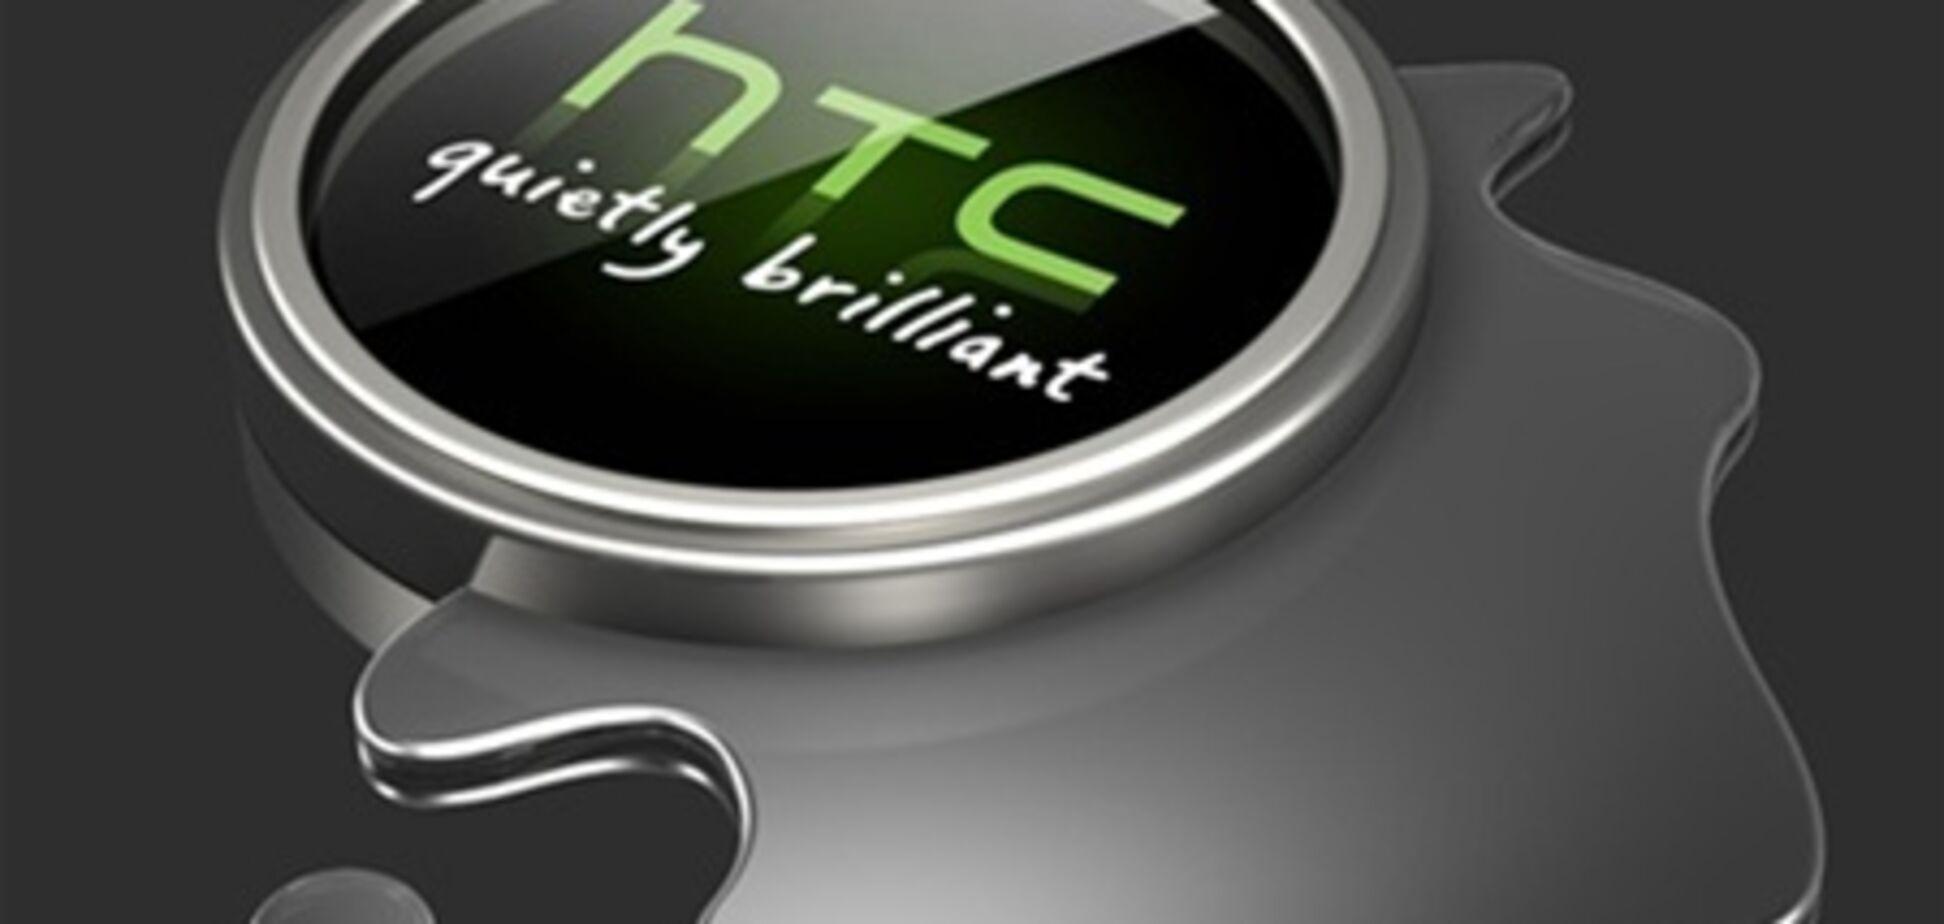 Из HTC ушли шесть топ-менеджеров